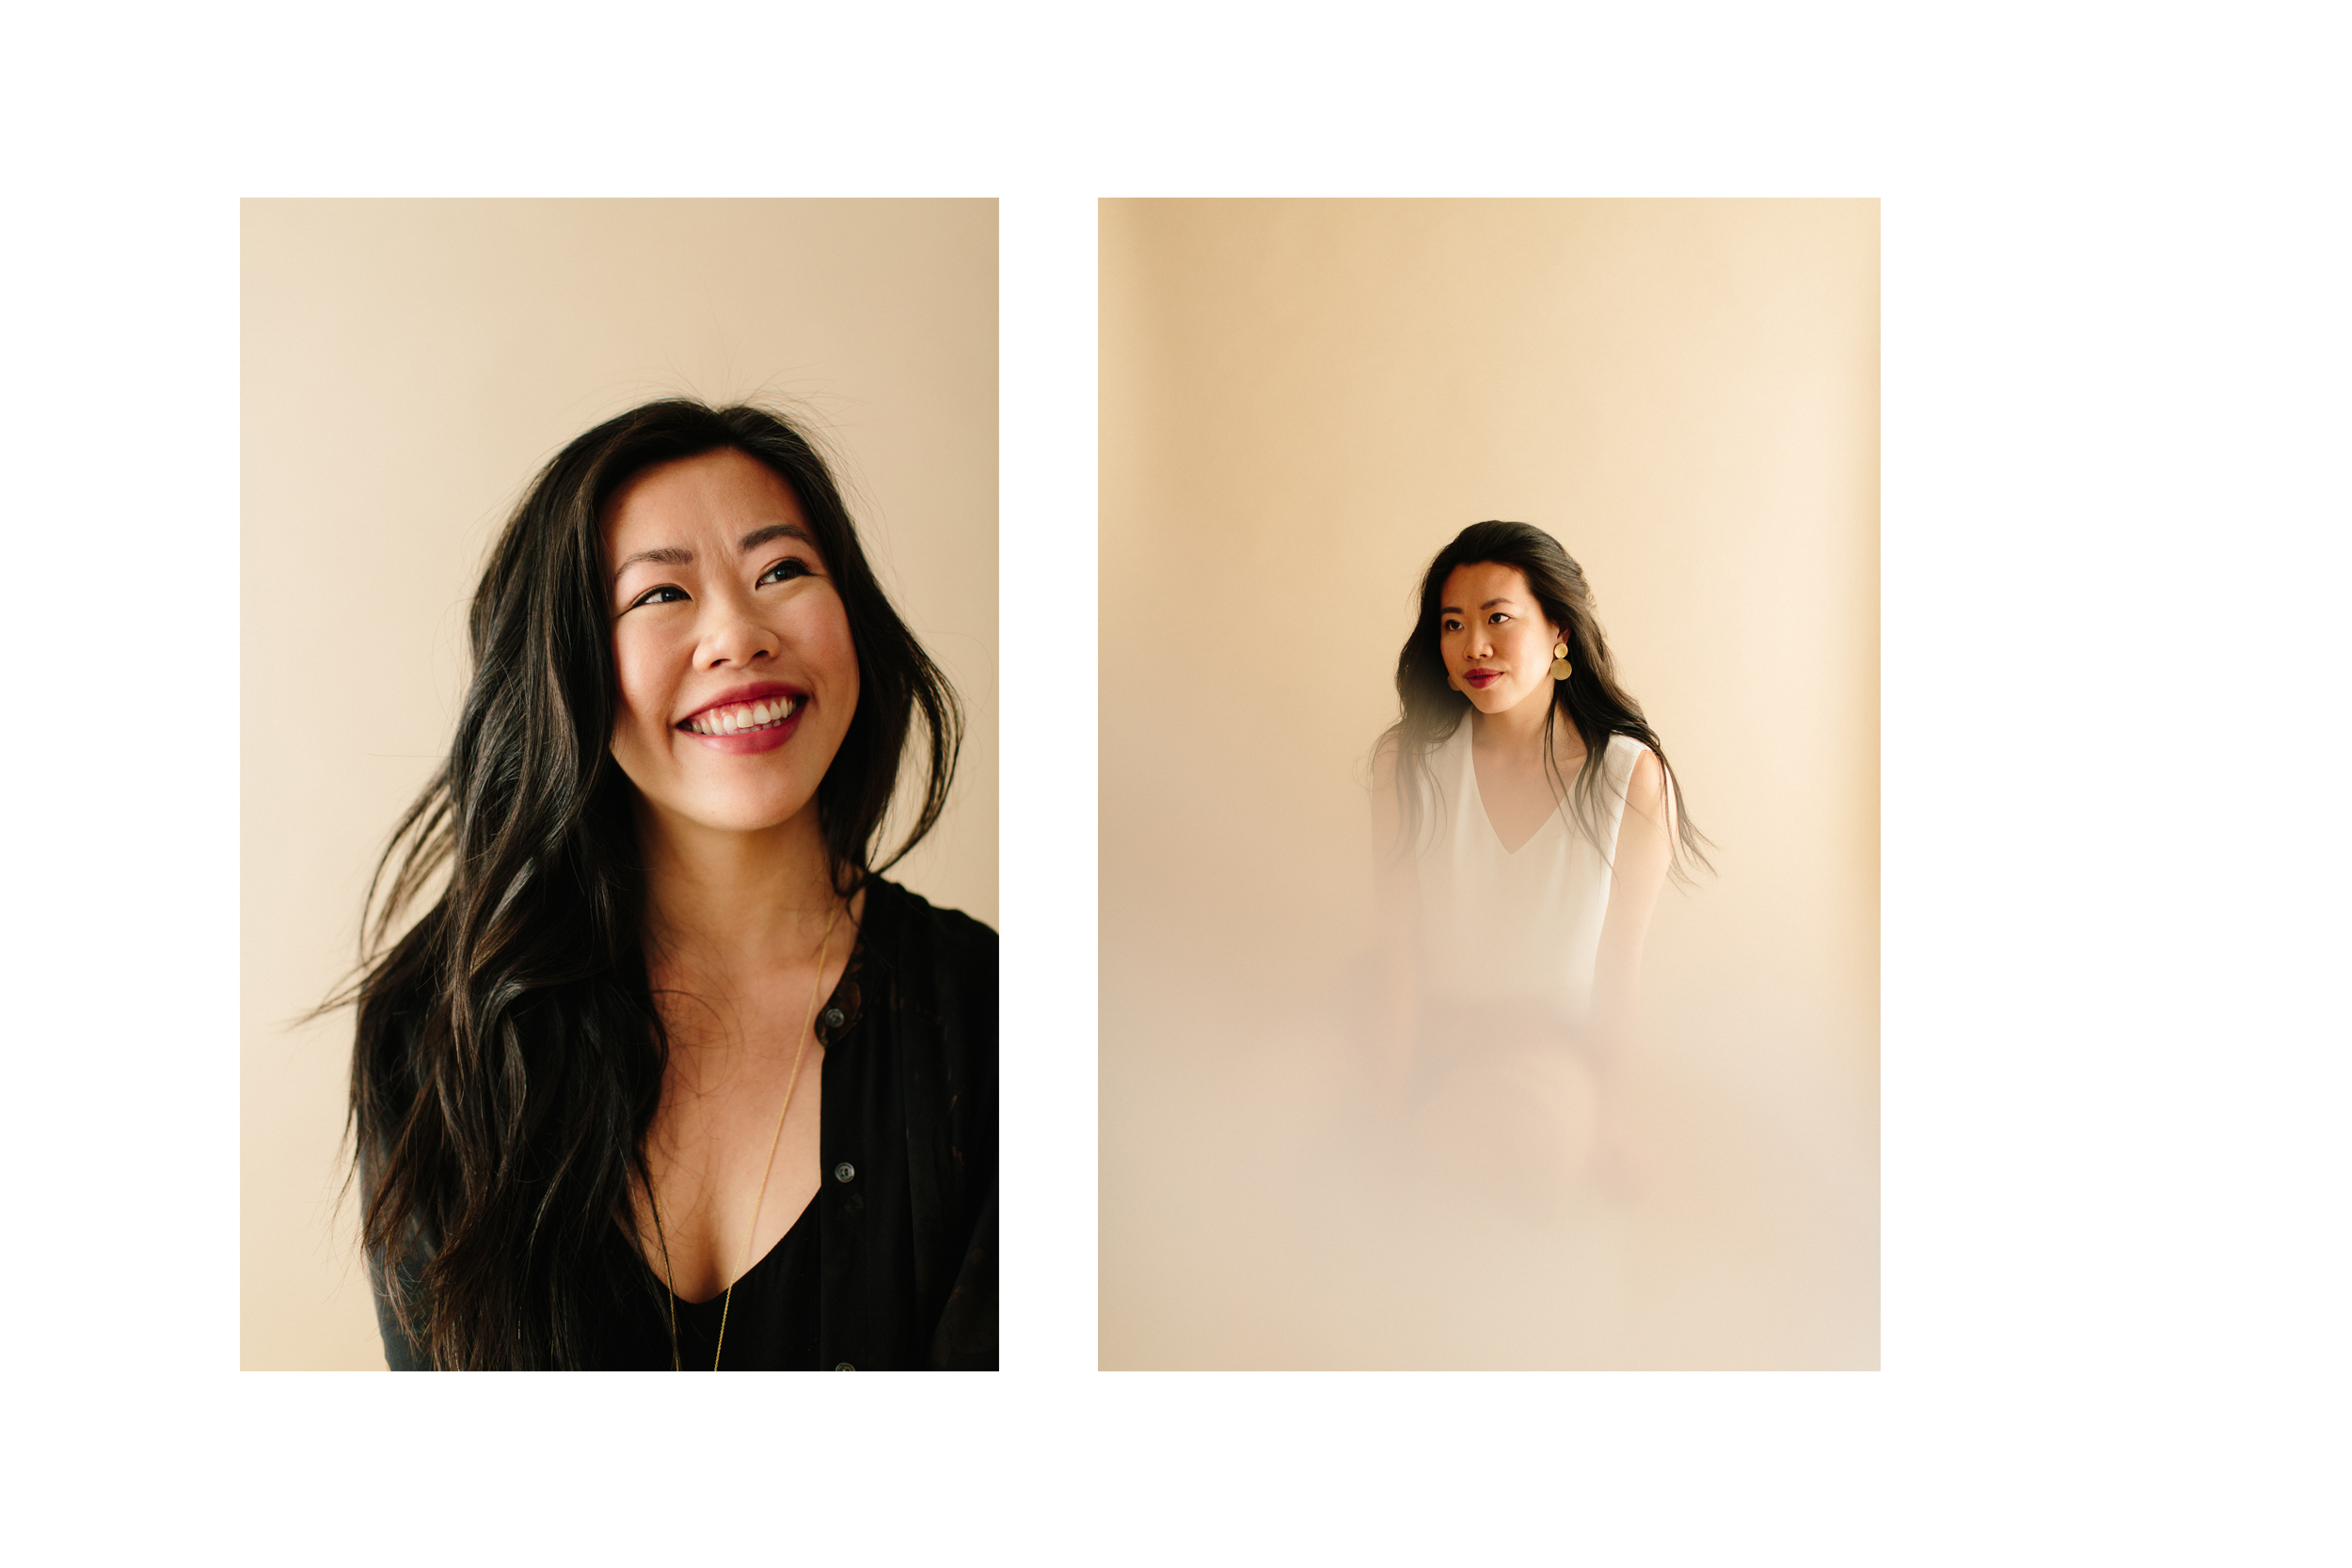 vancouver-portrait-photographer-30 copy.jpg